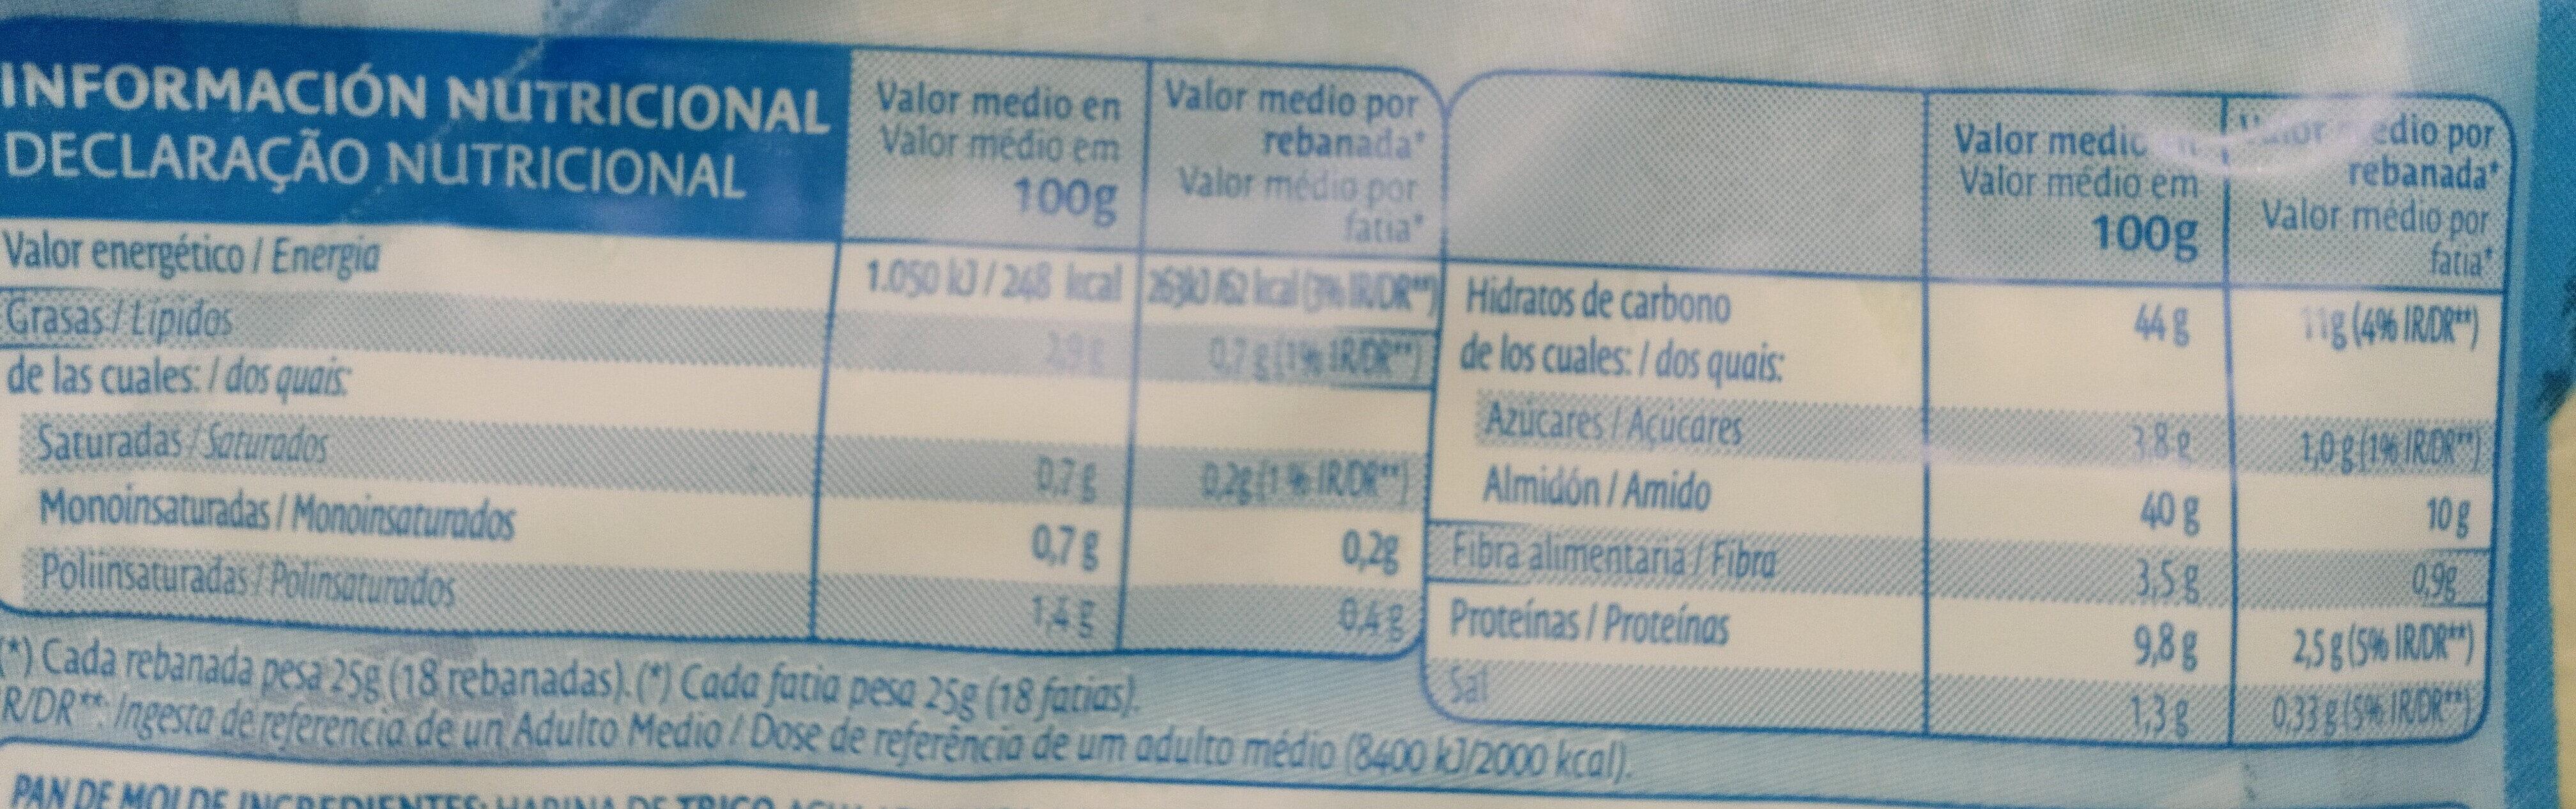 Pa De Motlle Amb Escorça Blanca De Bimbo - Información nutricional - es